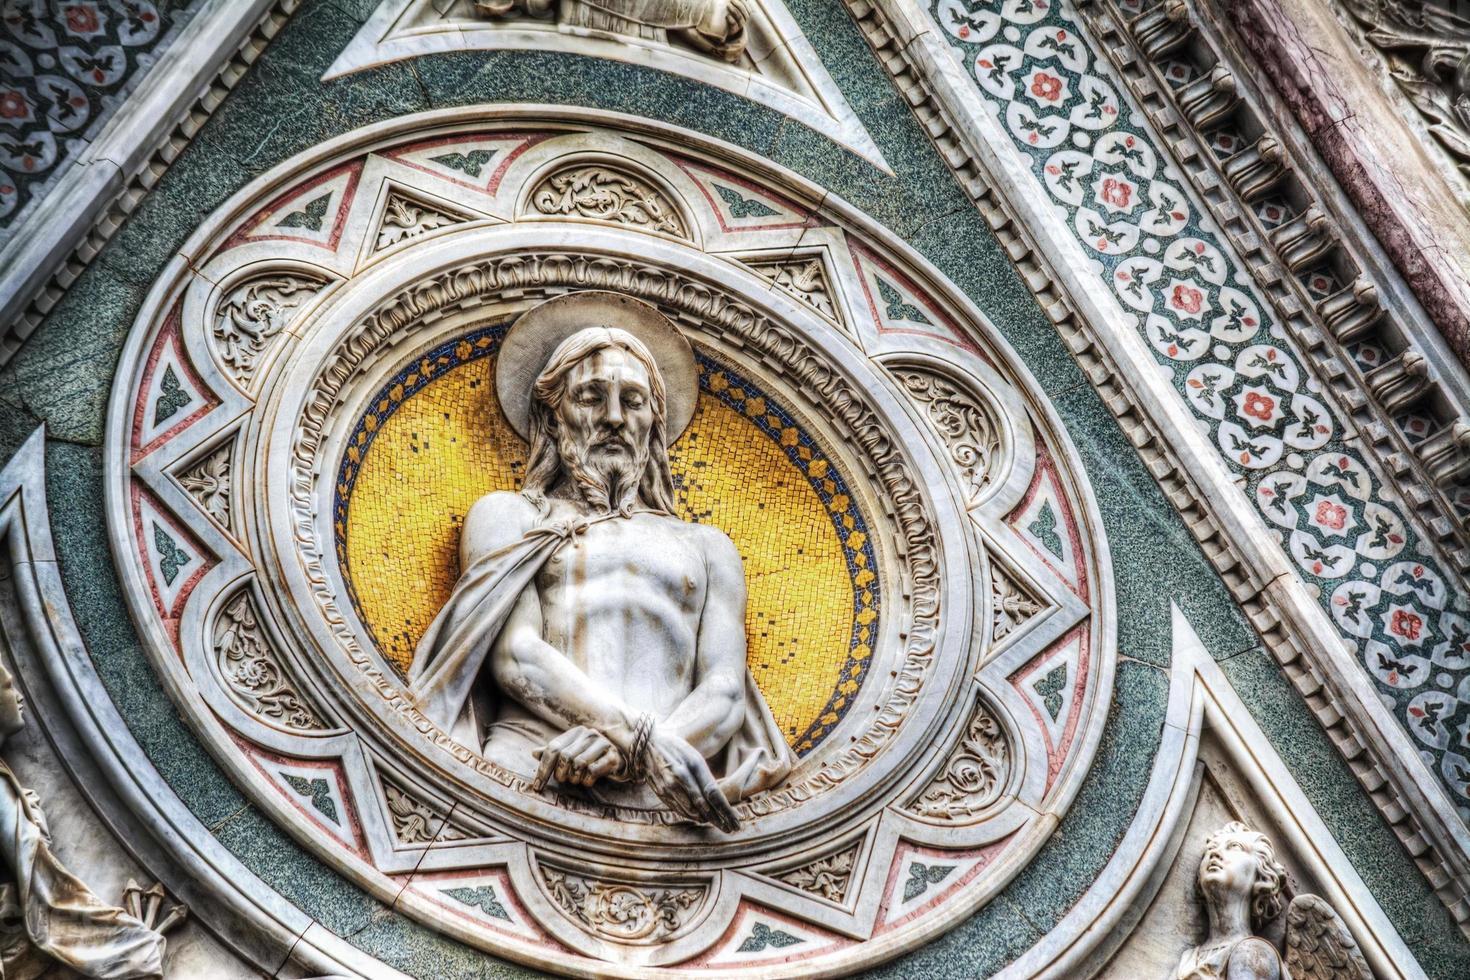 estatua de jesucristo en santa maria del fiore foto